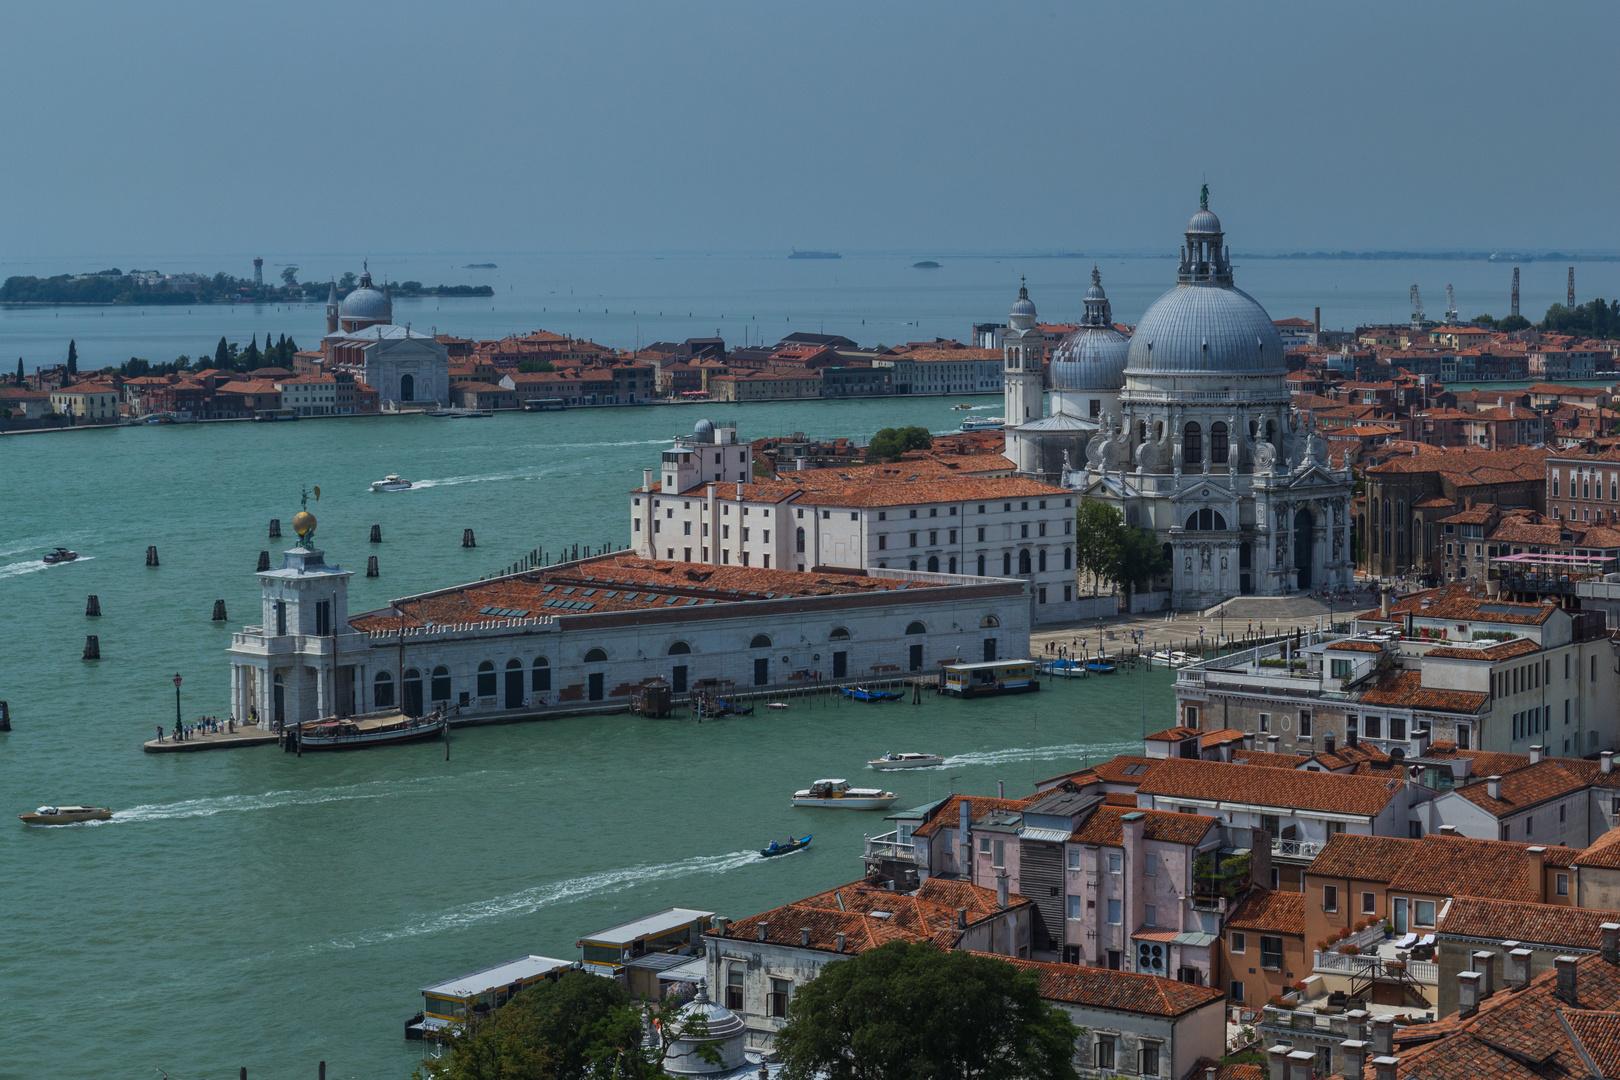 Venedig von oben (10)